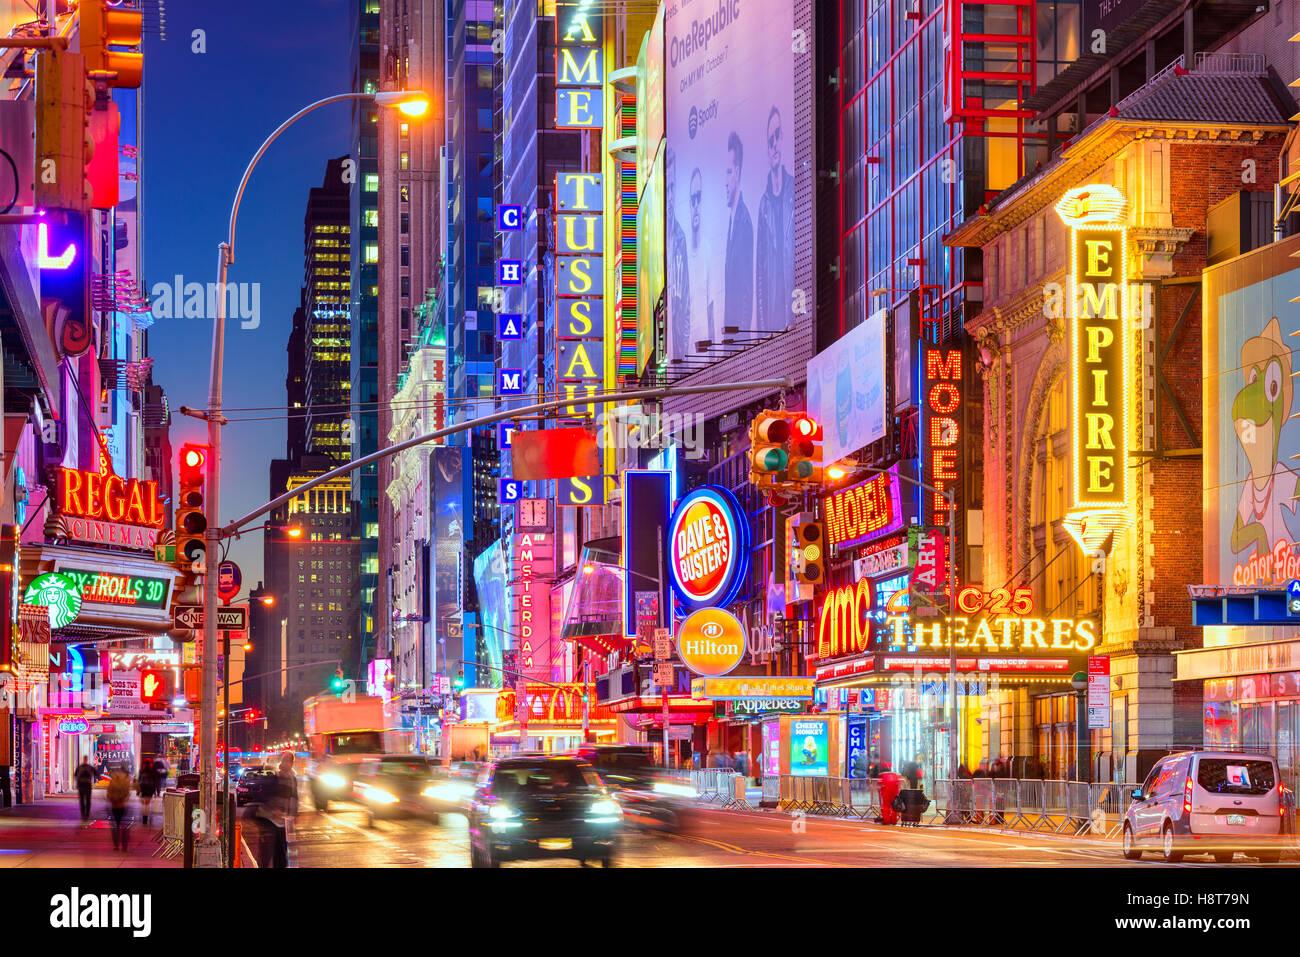 El tráfico se mueve por debajo de los letreros luminosos de la calle 42, en la Ciudad de Nueva York. Imagen De Stock